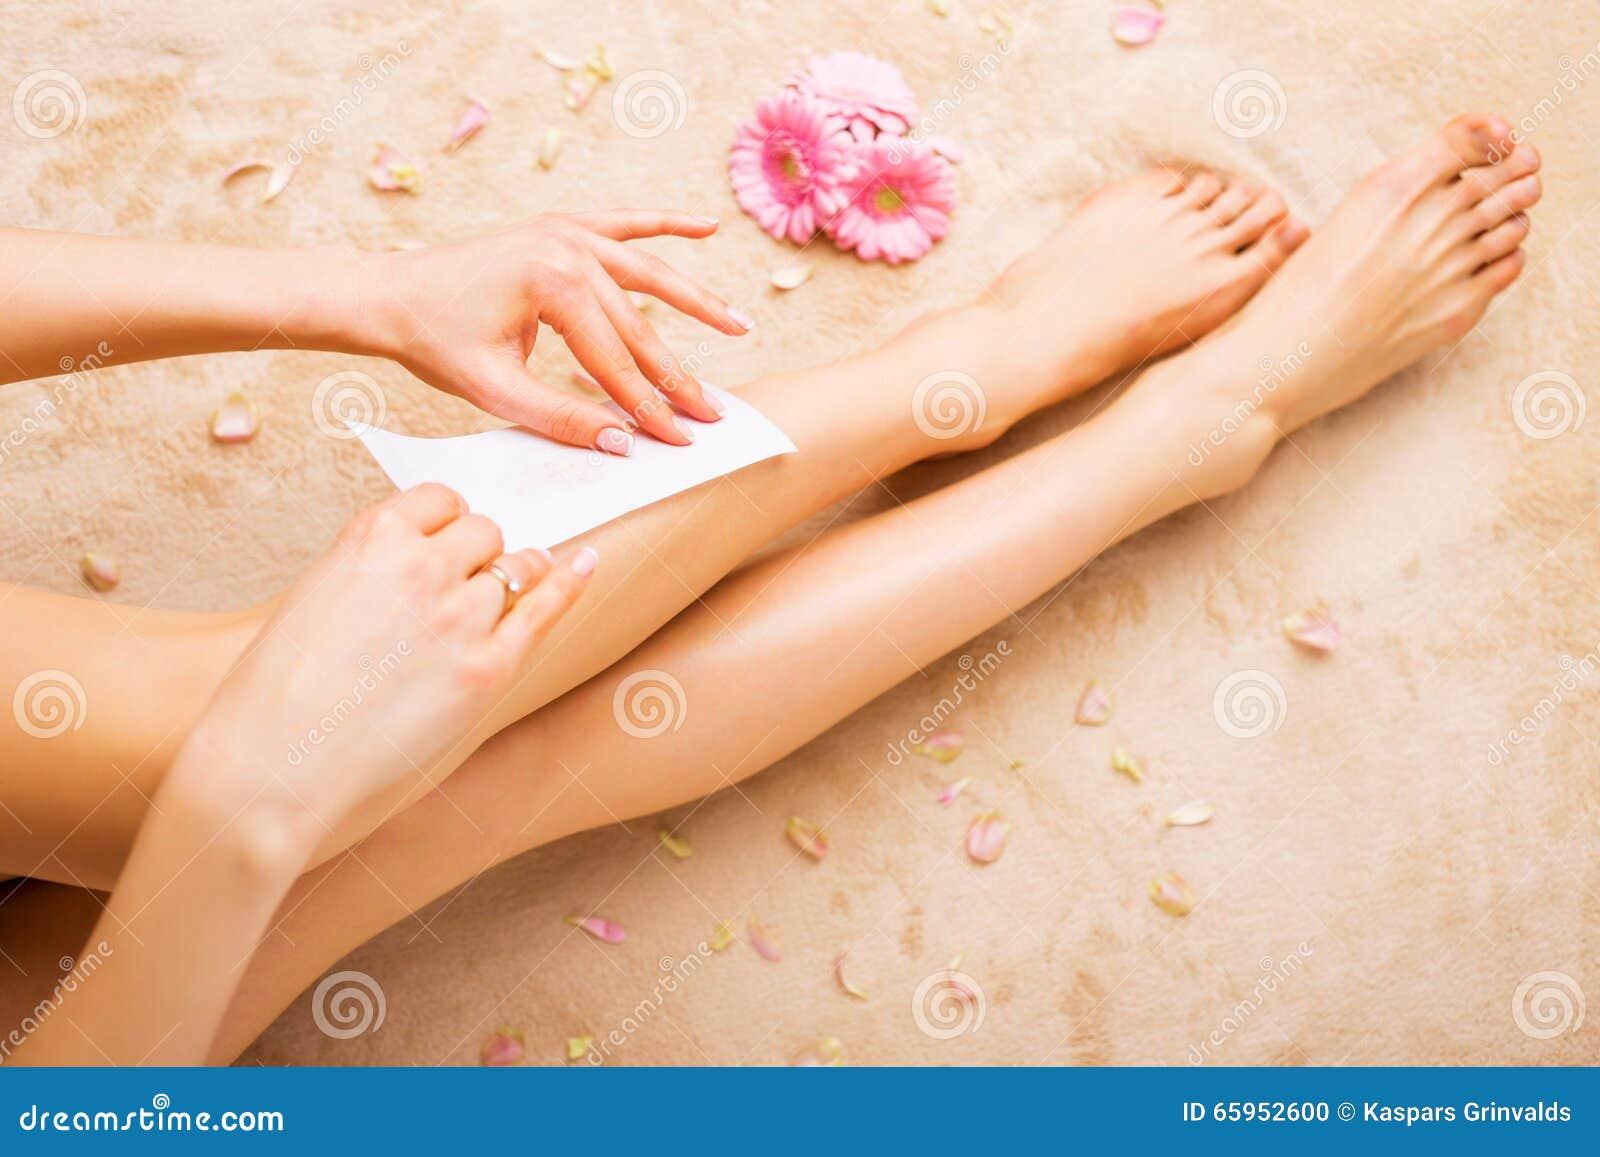 Vrouwen in de was zettende benen